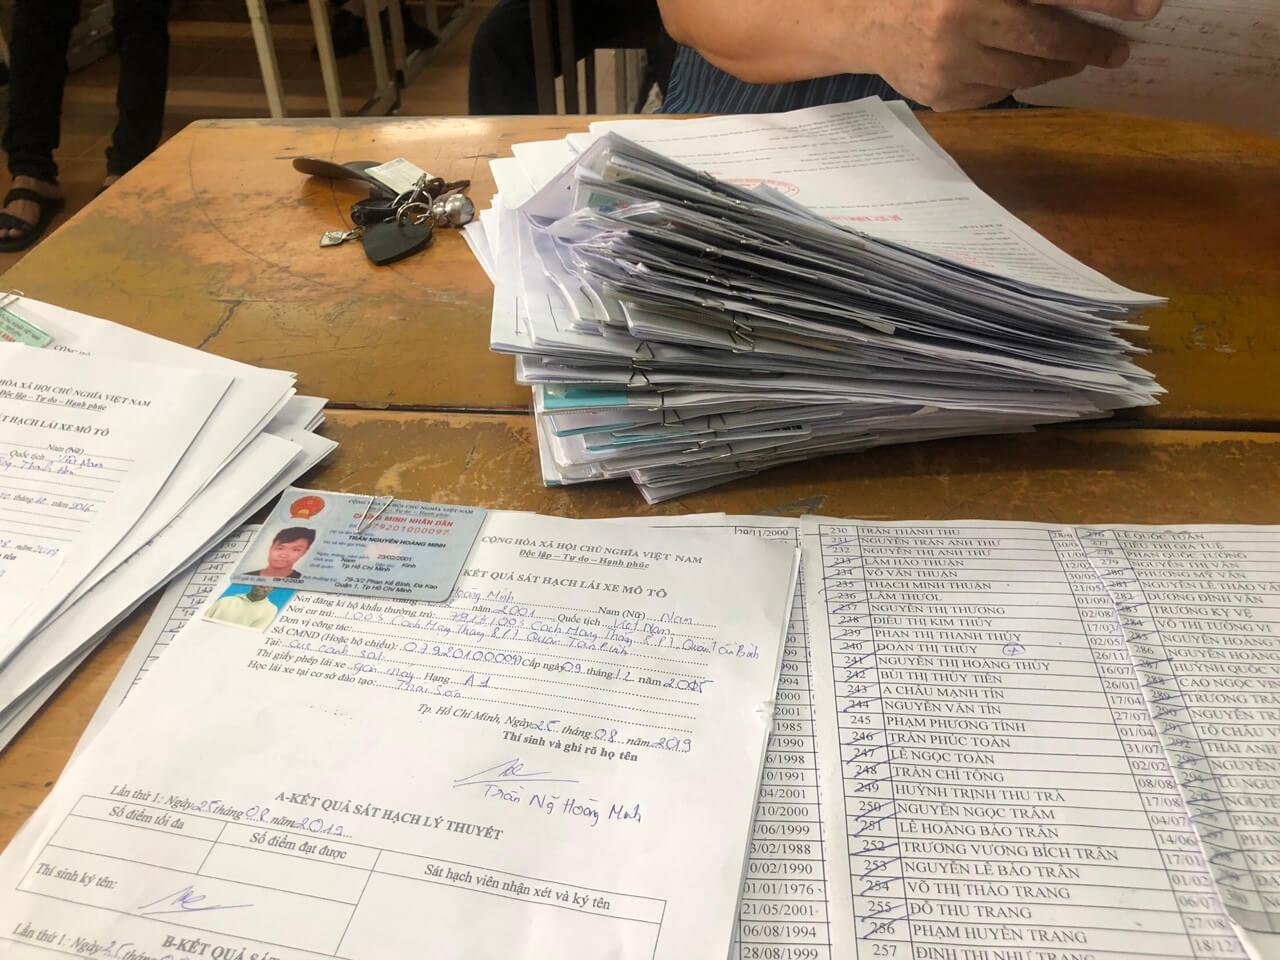 Hồ sơ thi bằng lái xe ở Quận Bình Tân